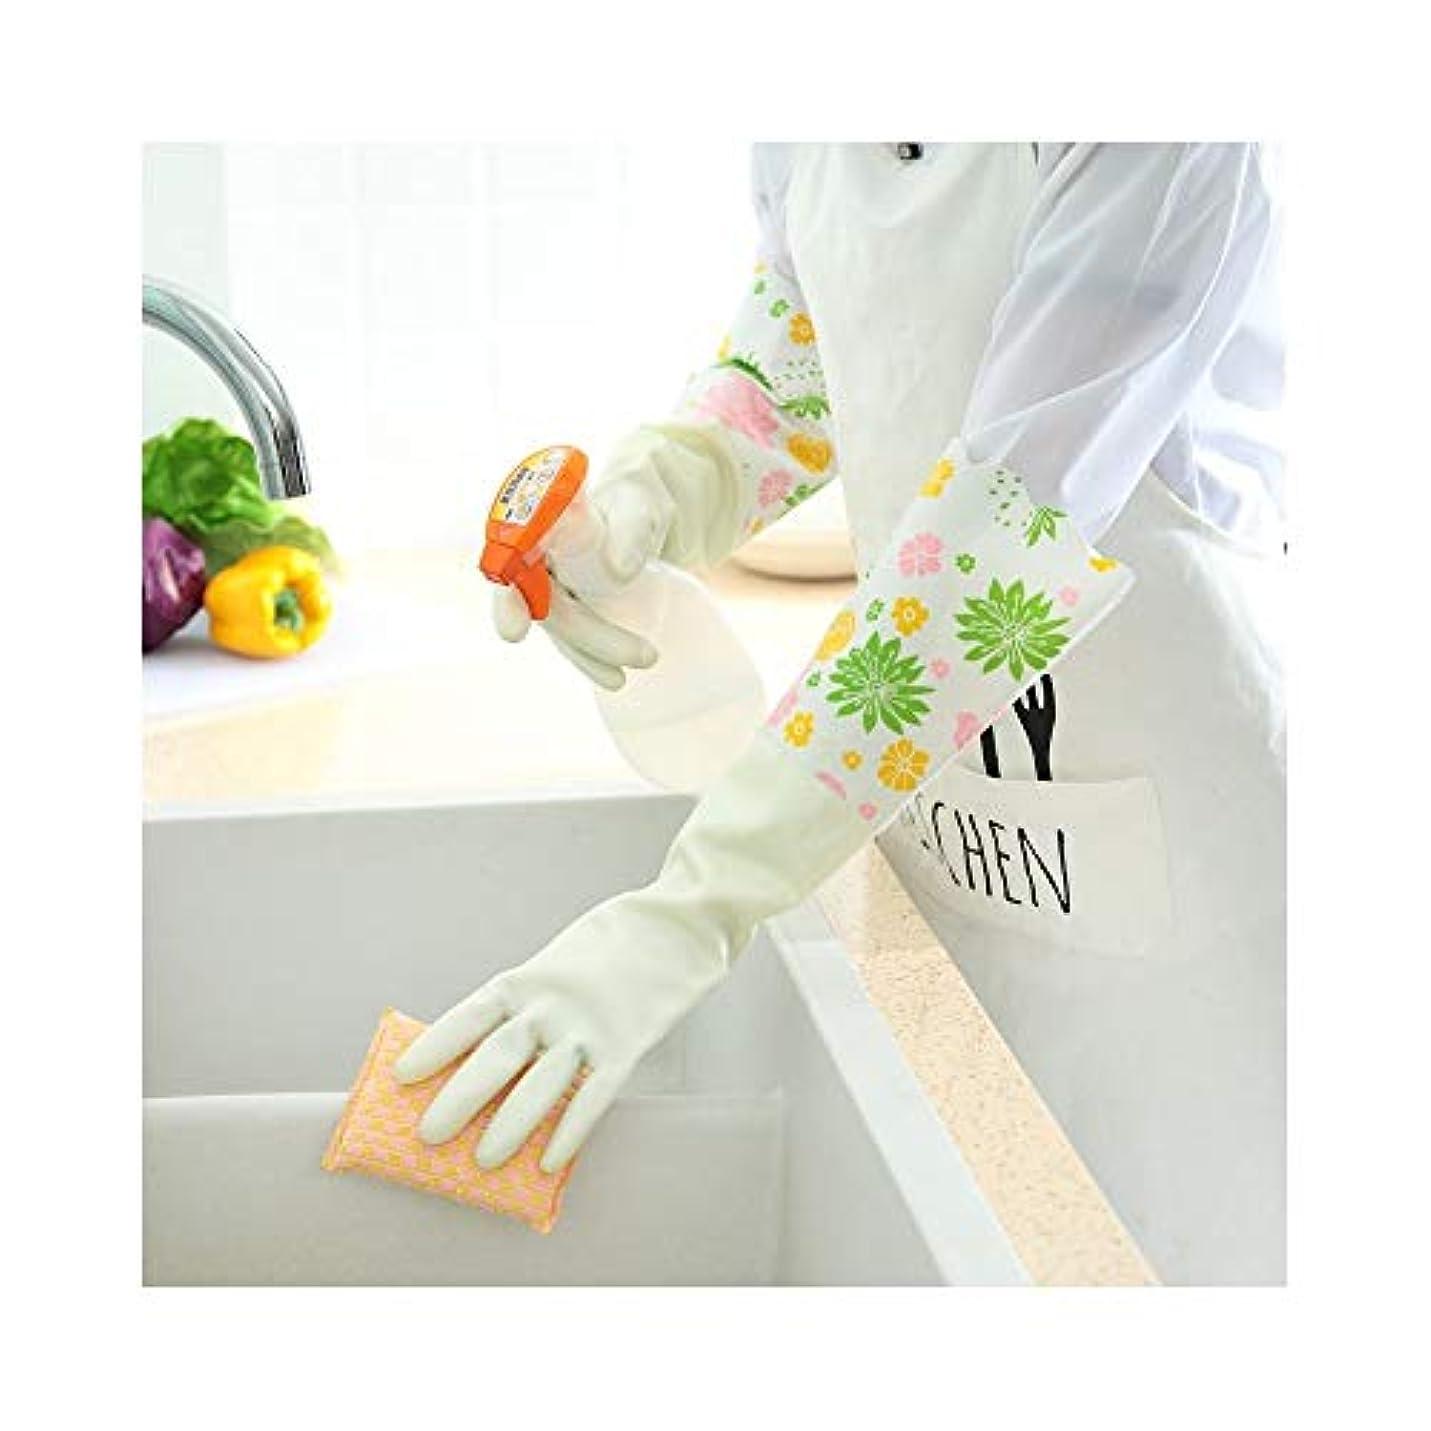 ゴシッププラスチック列車使い捨て手袋 キッチン用手袋防水性と耐久性のあるゴム製家事用手袋、1ペア ニトリルゴム手袋 (Color : GREEN, Size : L)